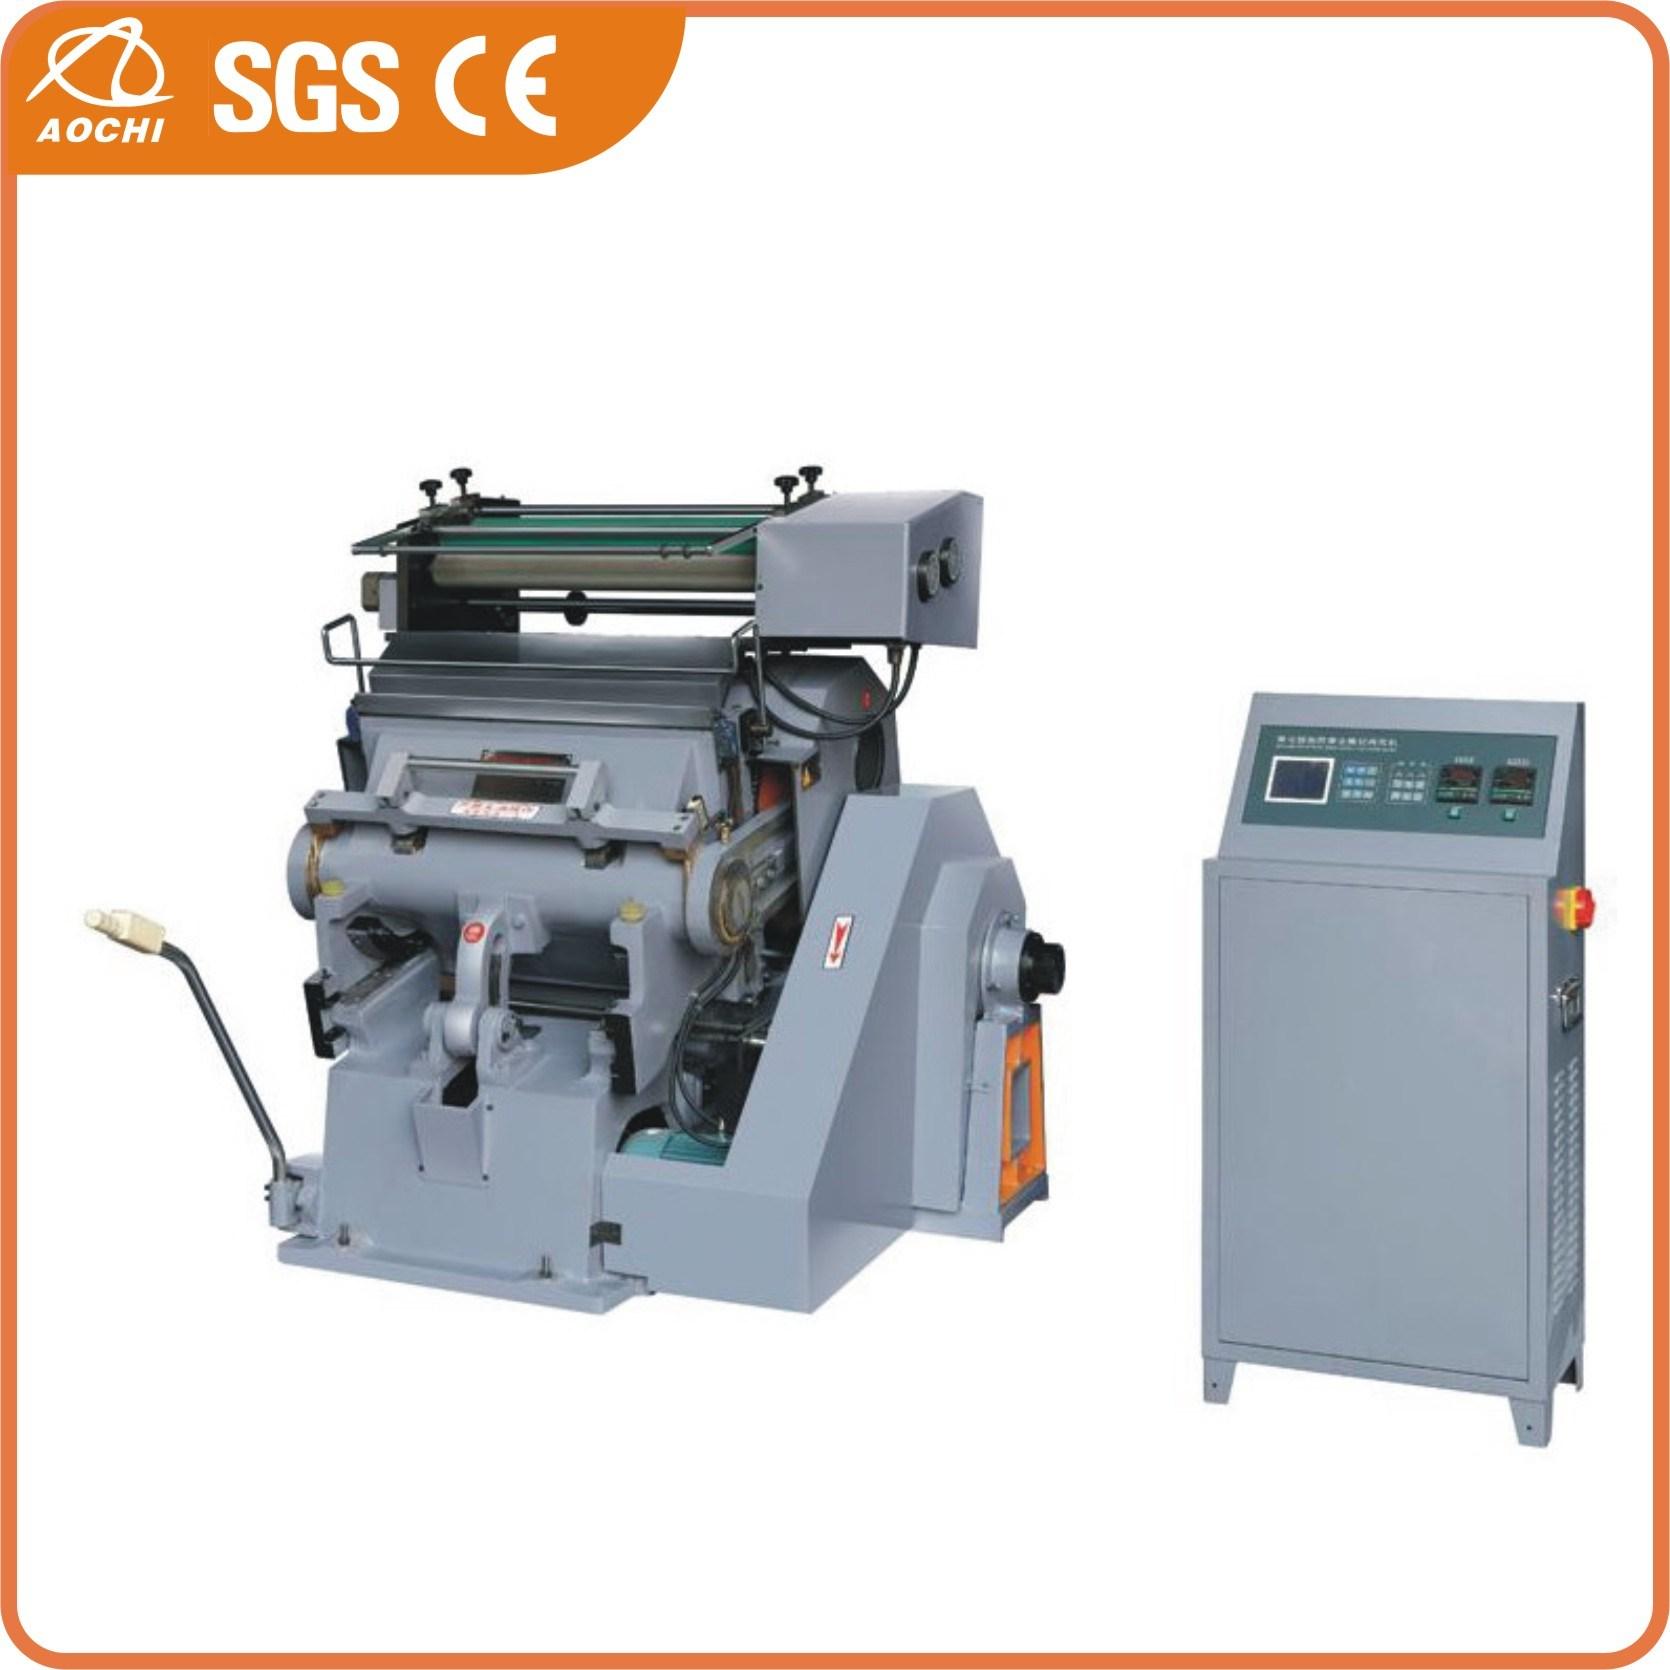 Hot Foil Stamping Machine (CE)